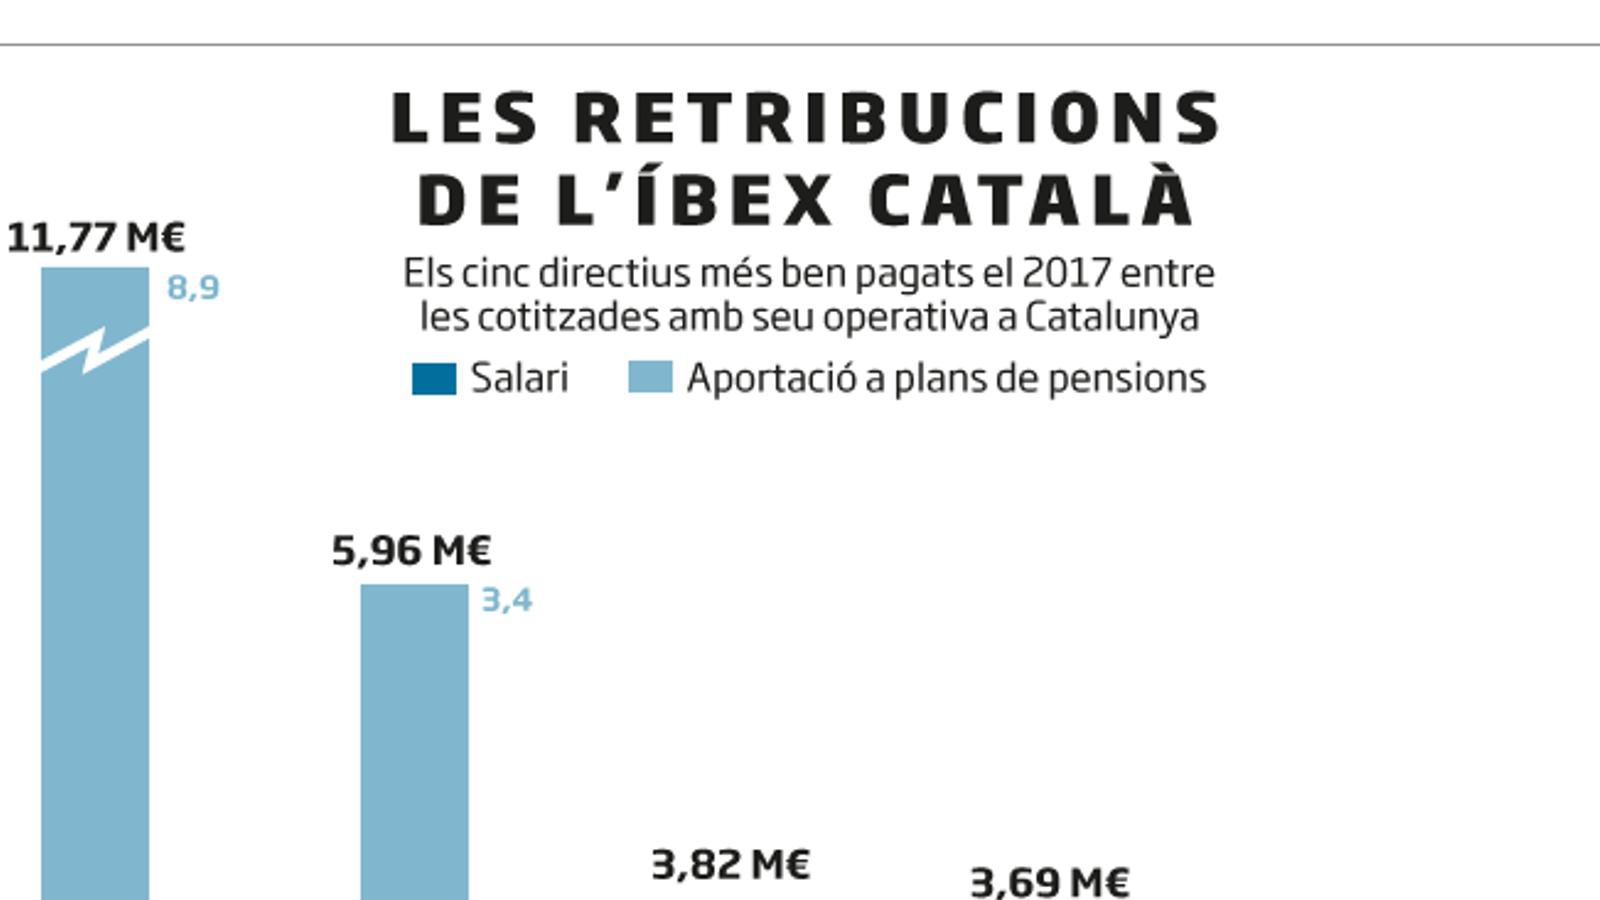 L'Íbex català s'apuja el sou